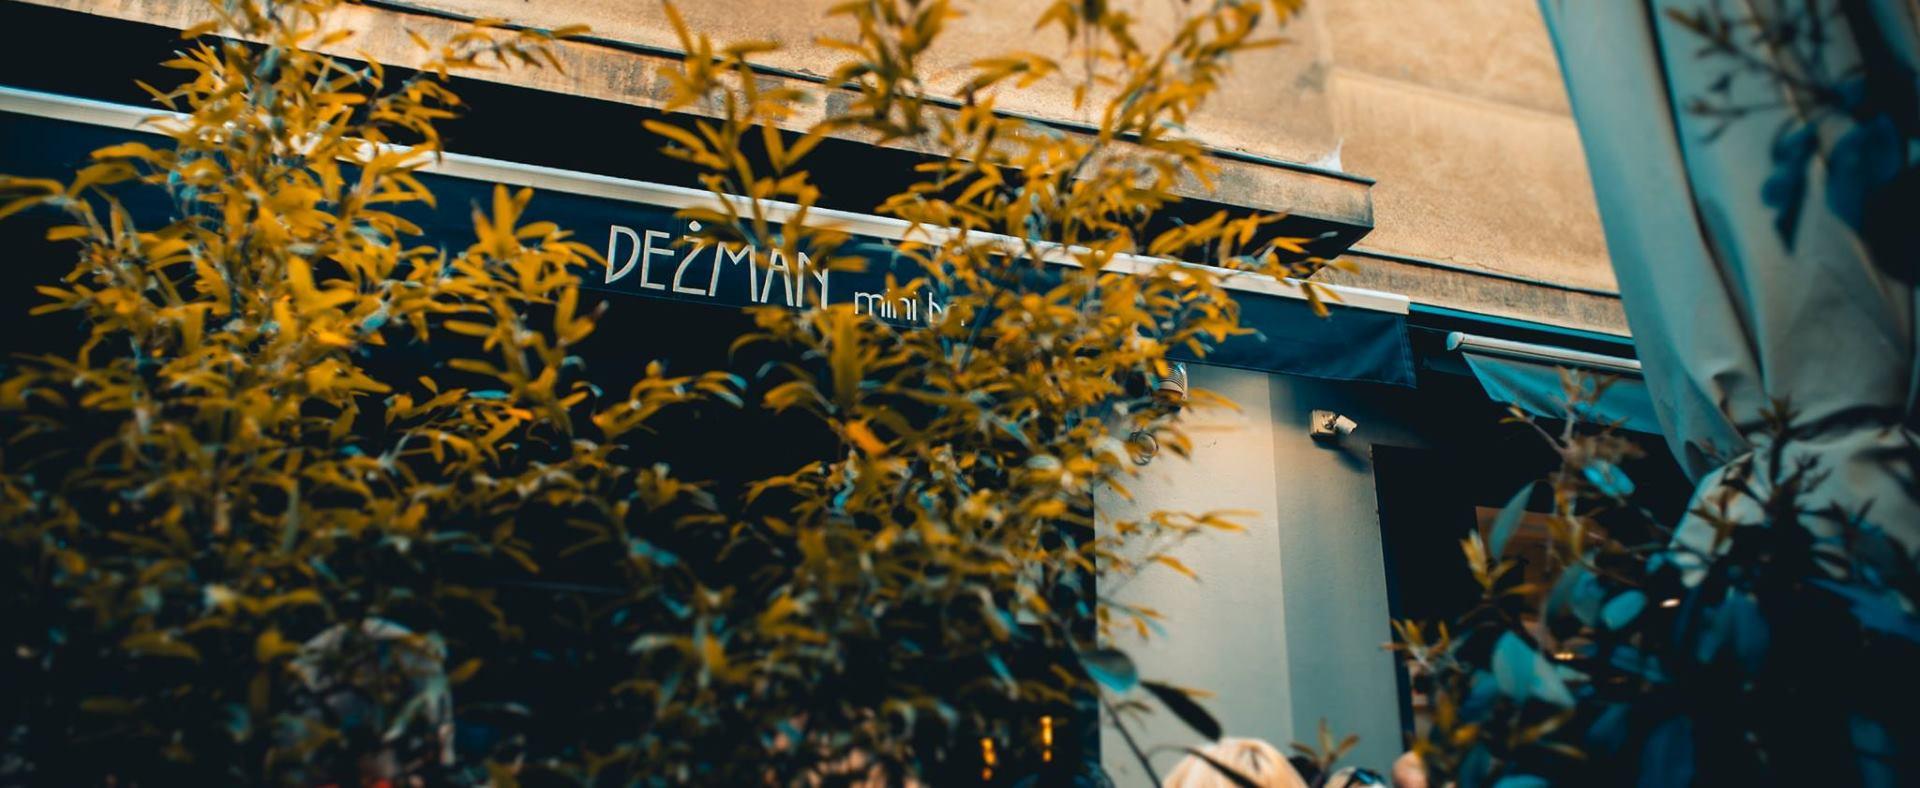 Ljetni program Dežman Mini bara najveseliji je prvim danom tjedna